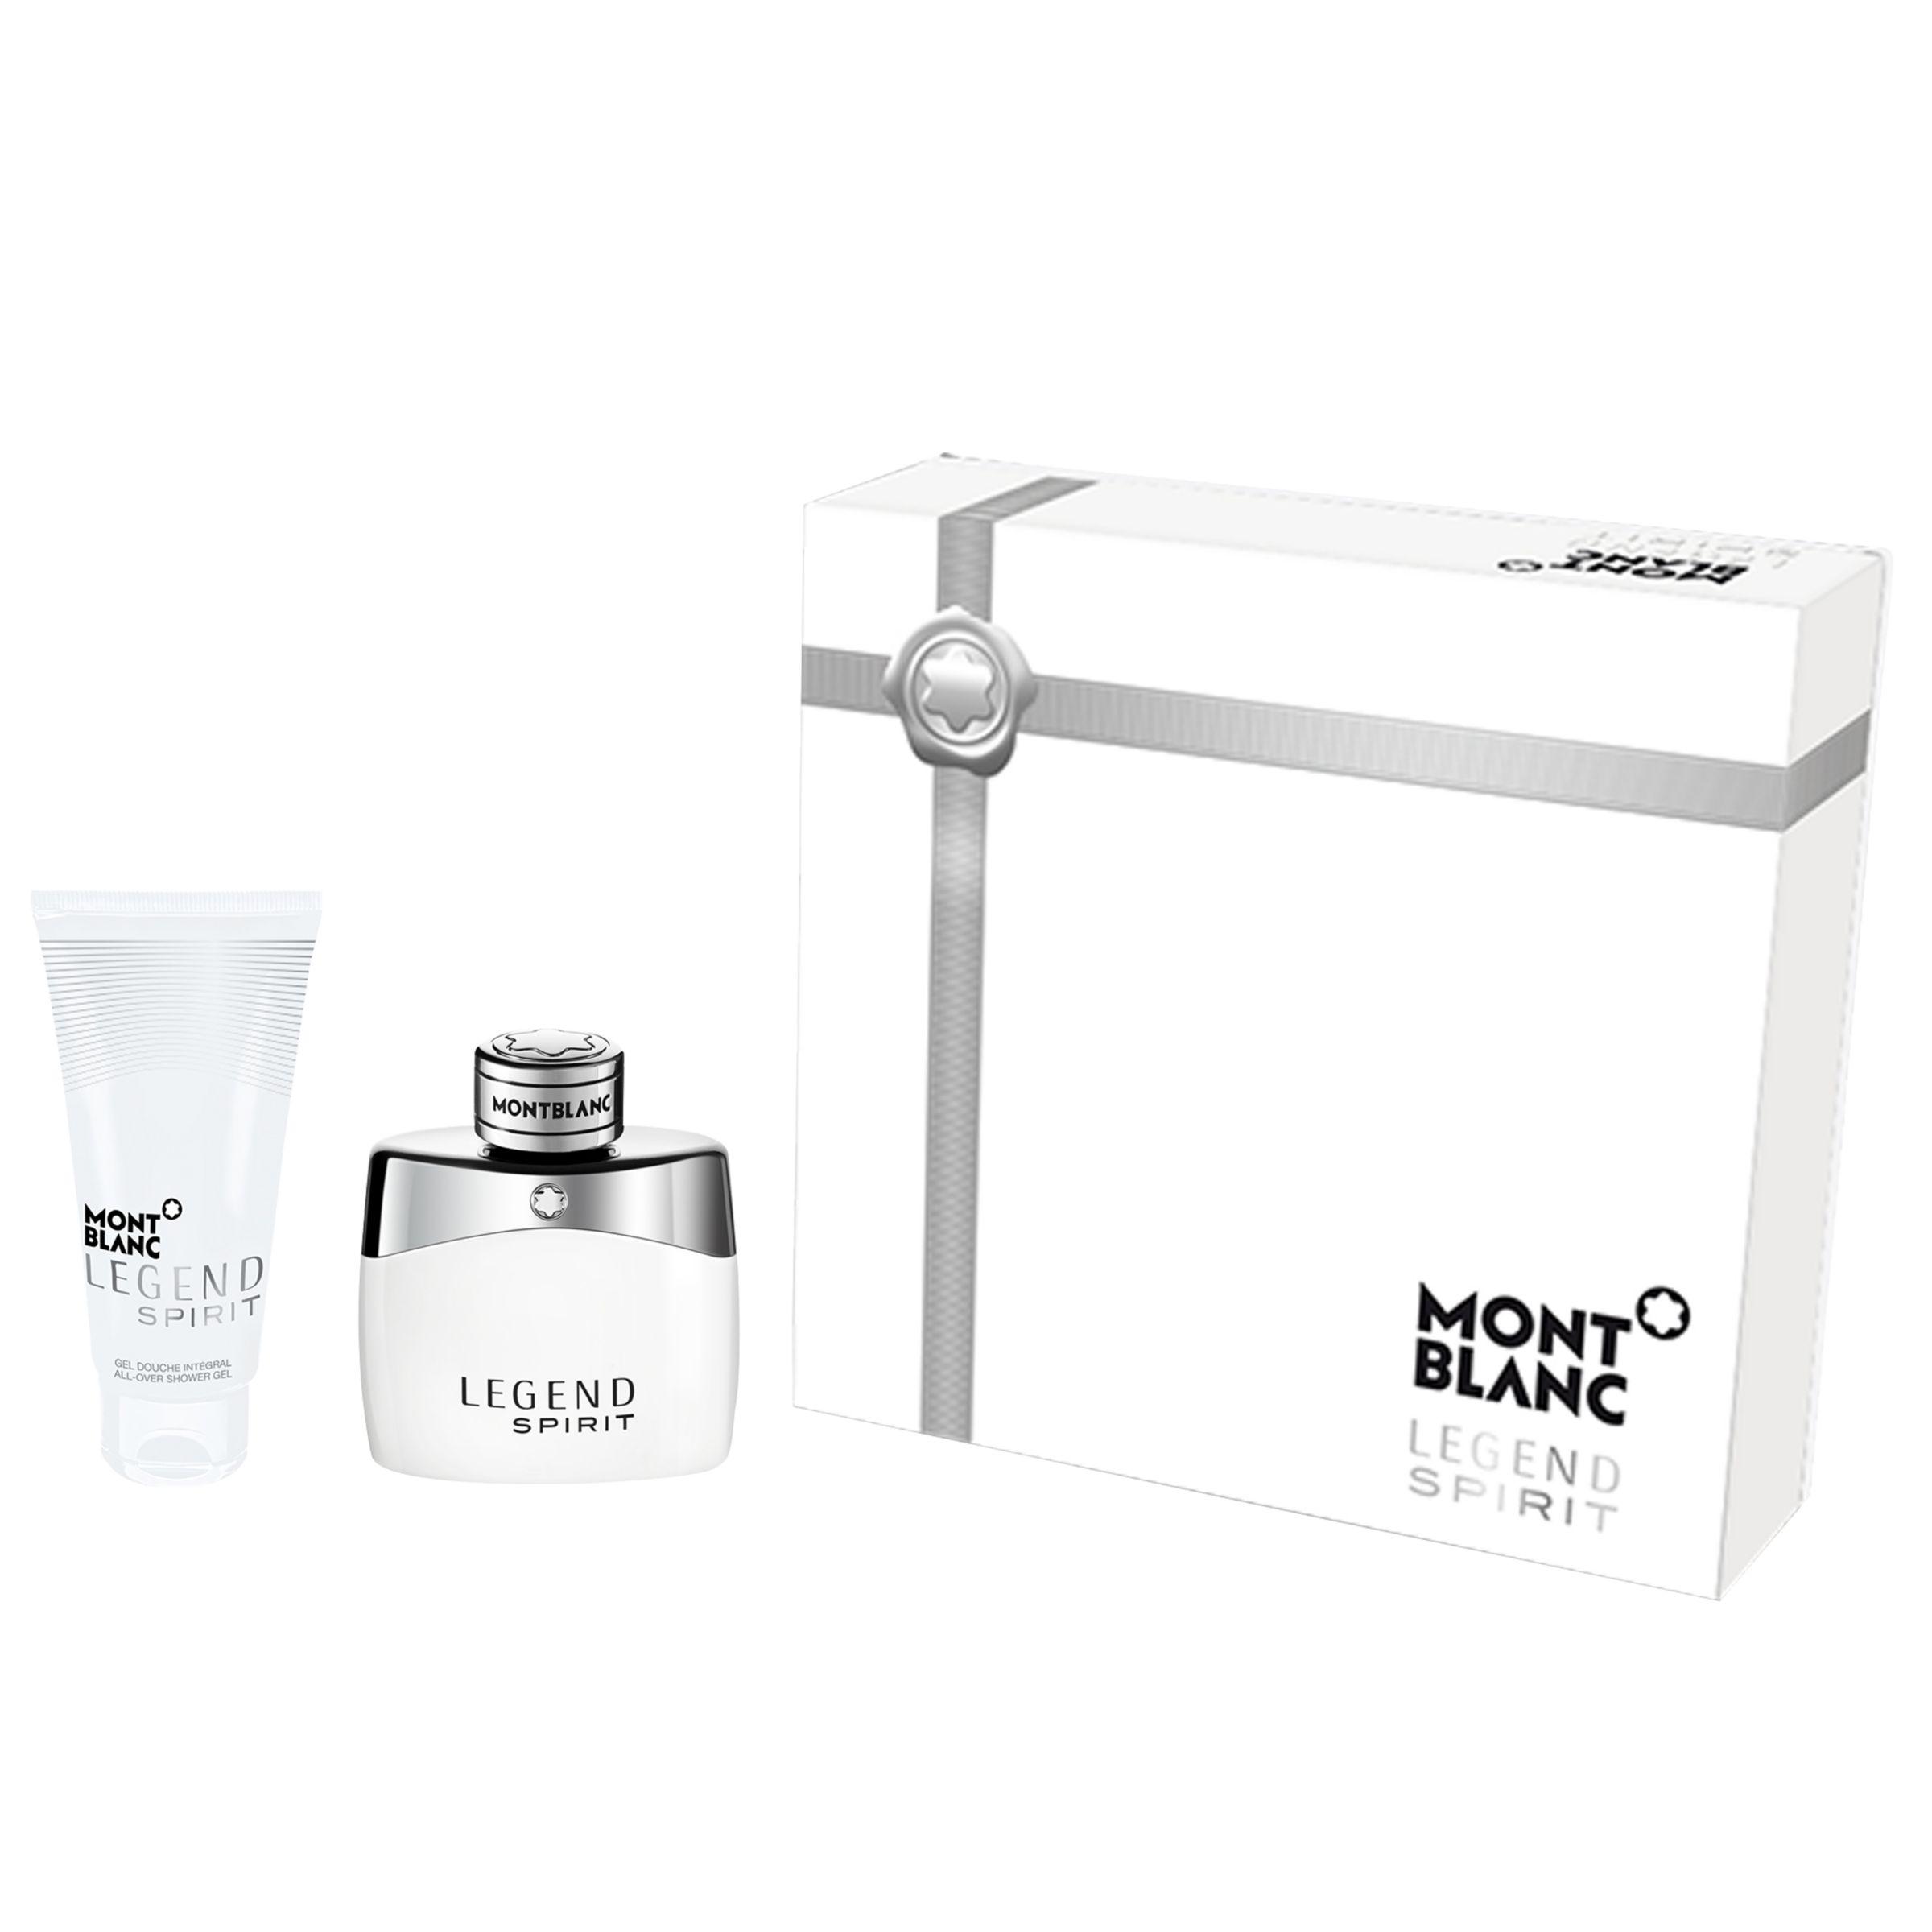 Montblanc Montblanc Legend Spirit 50ml Eau de Toilette Fragrance Gift Set